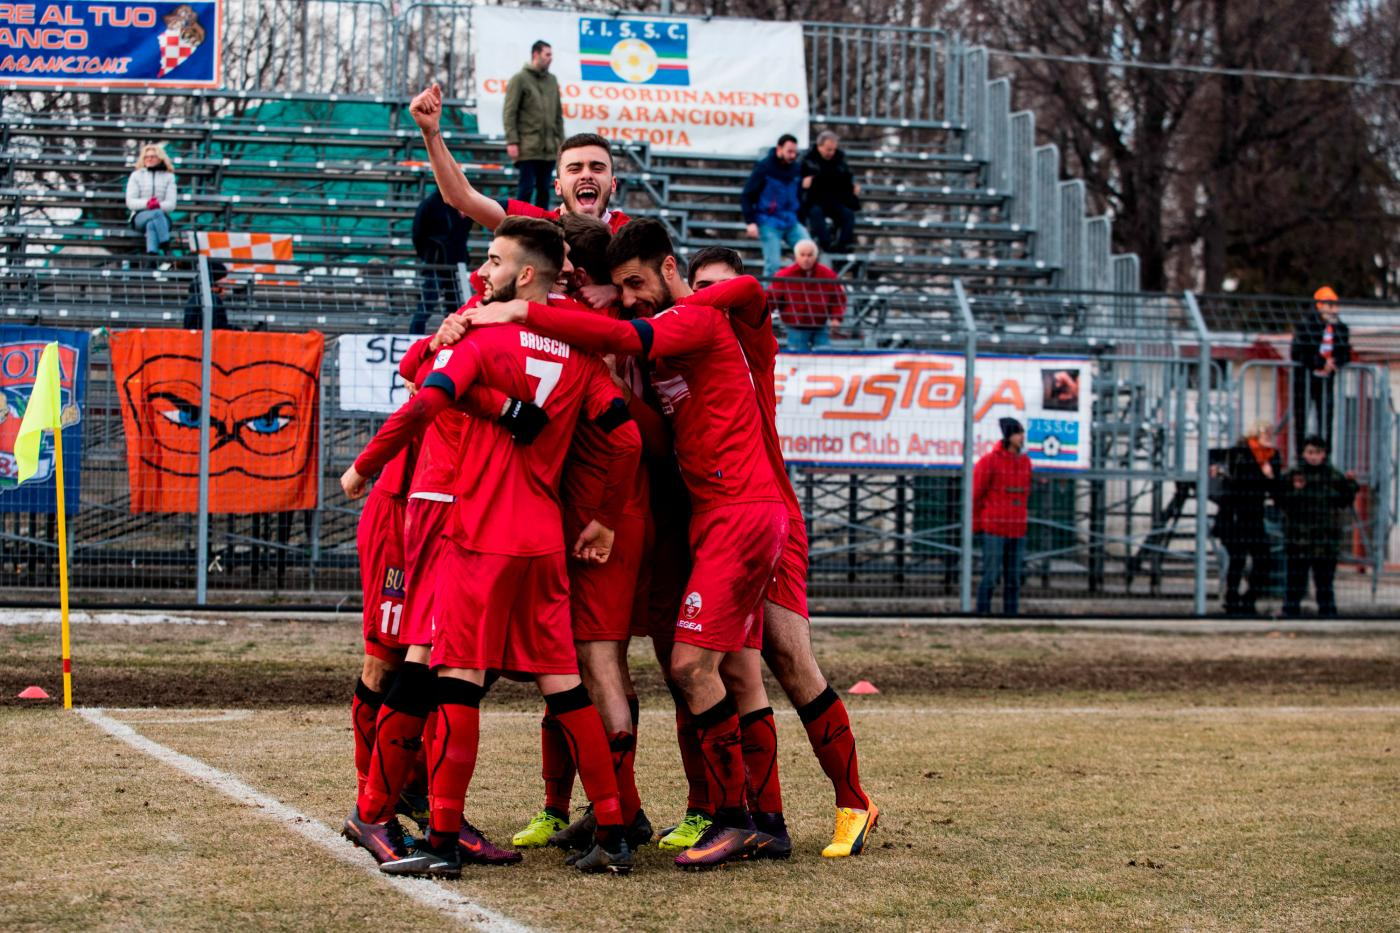 Serie C, Cuneo-Olbia domenica 14 ottobre: analisi e pronostico della sesta giornata della terza divisione italiana